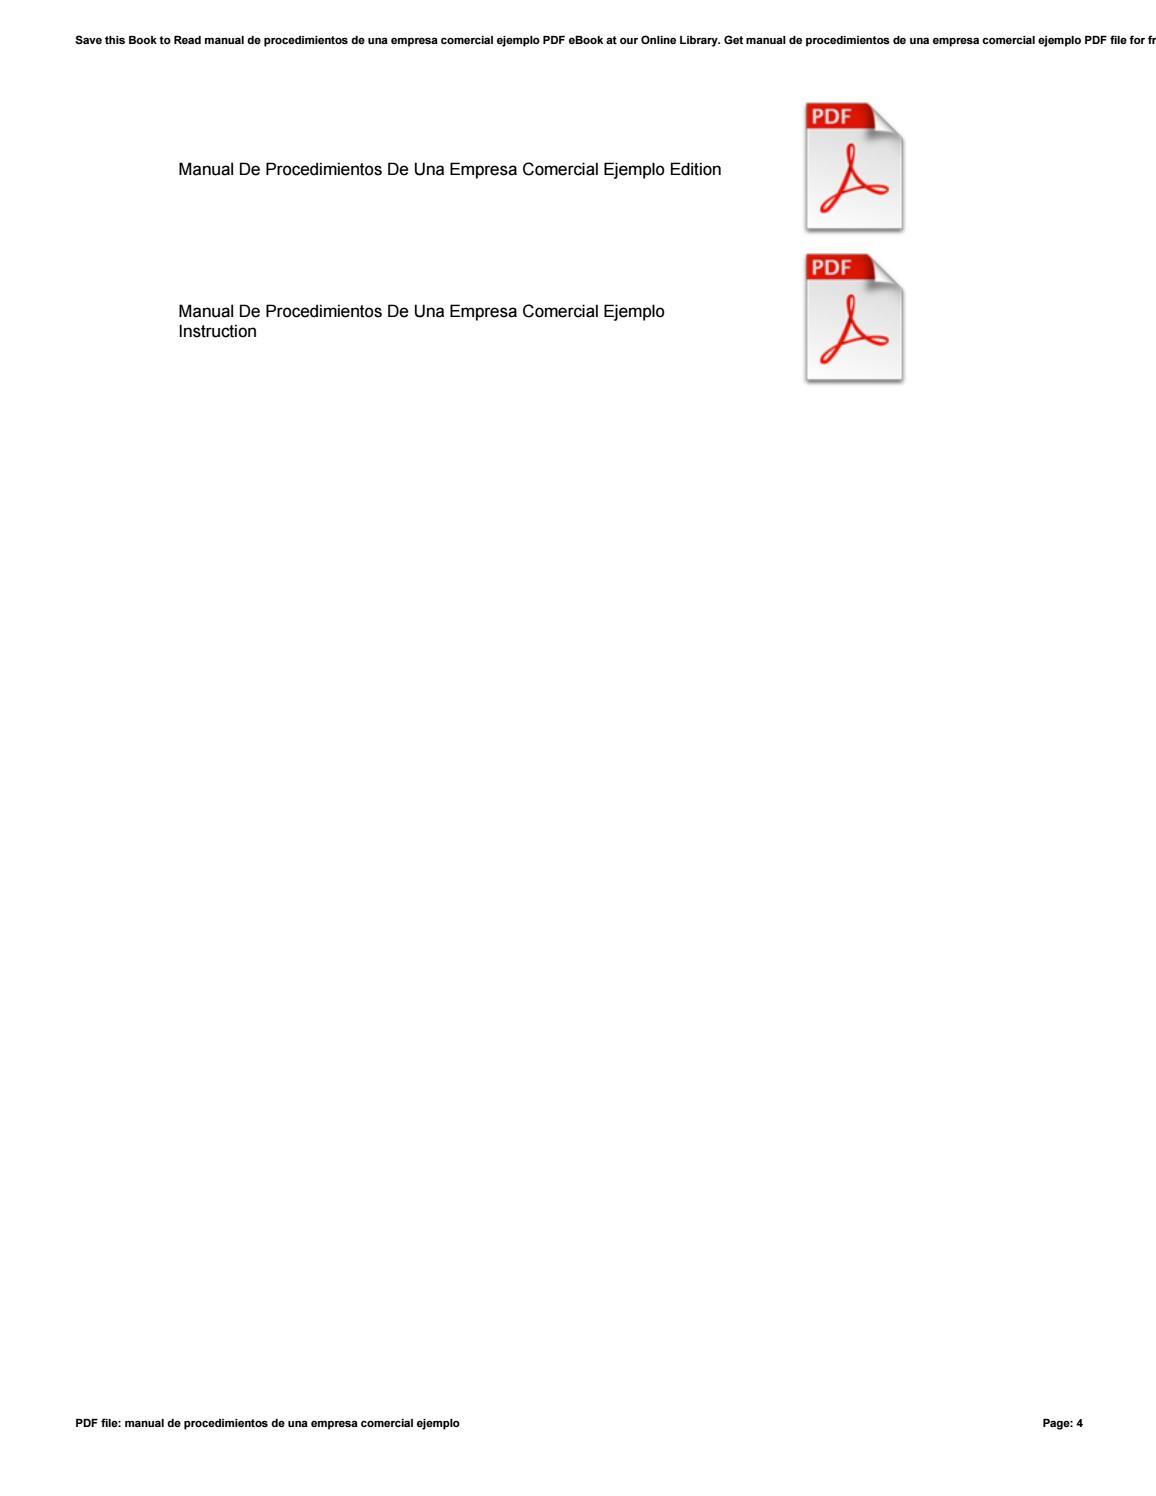 Manual de procedimientos de una empresa comercial ejemplo by  DavidGutierrez4924 - issuu